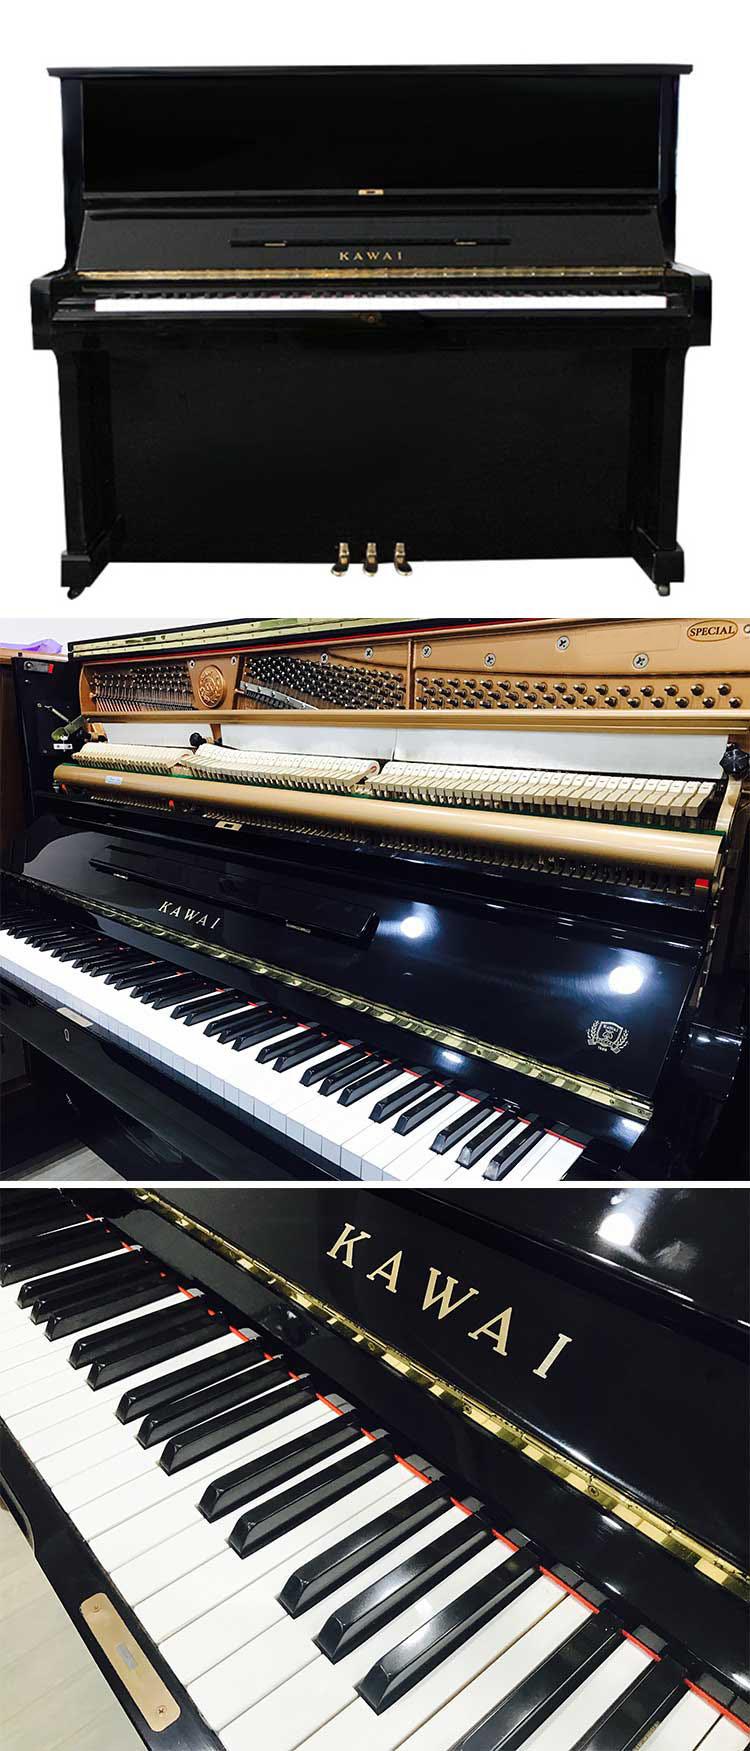 卡瓦依钢琴BS2A租赁 2.jpg